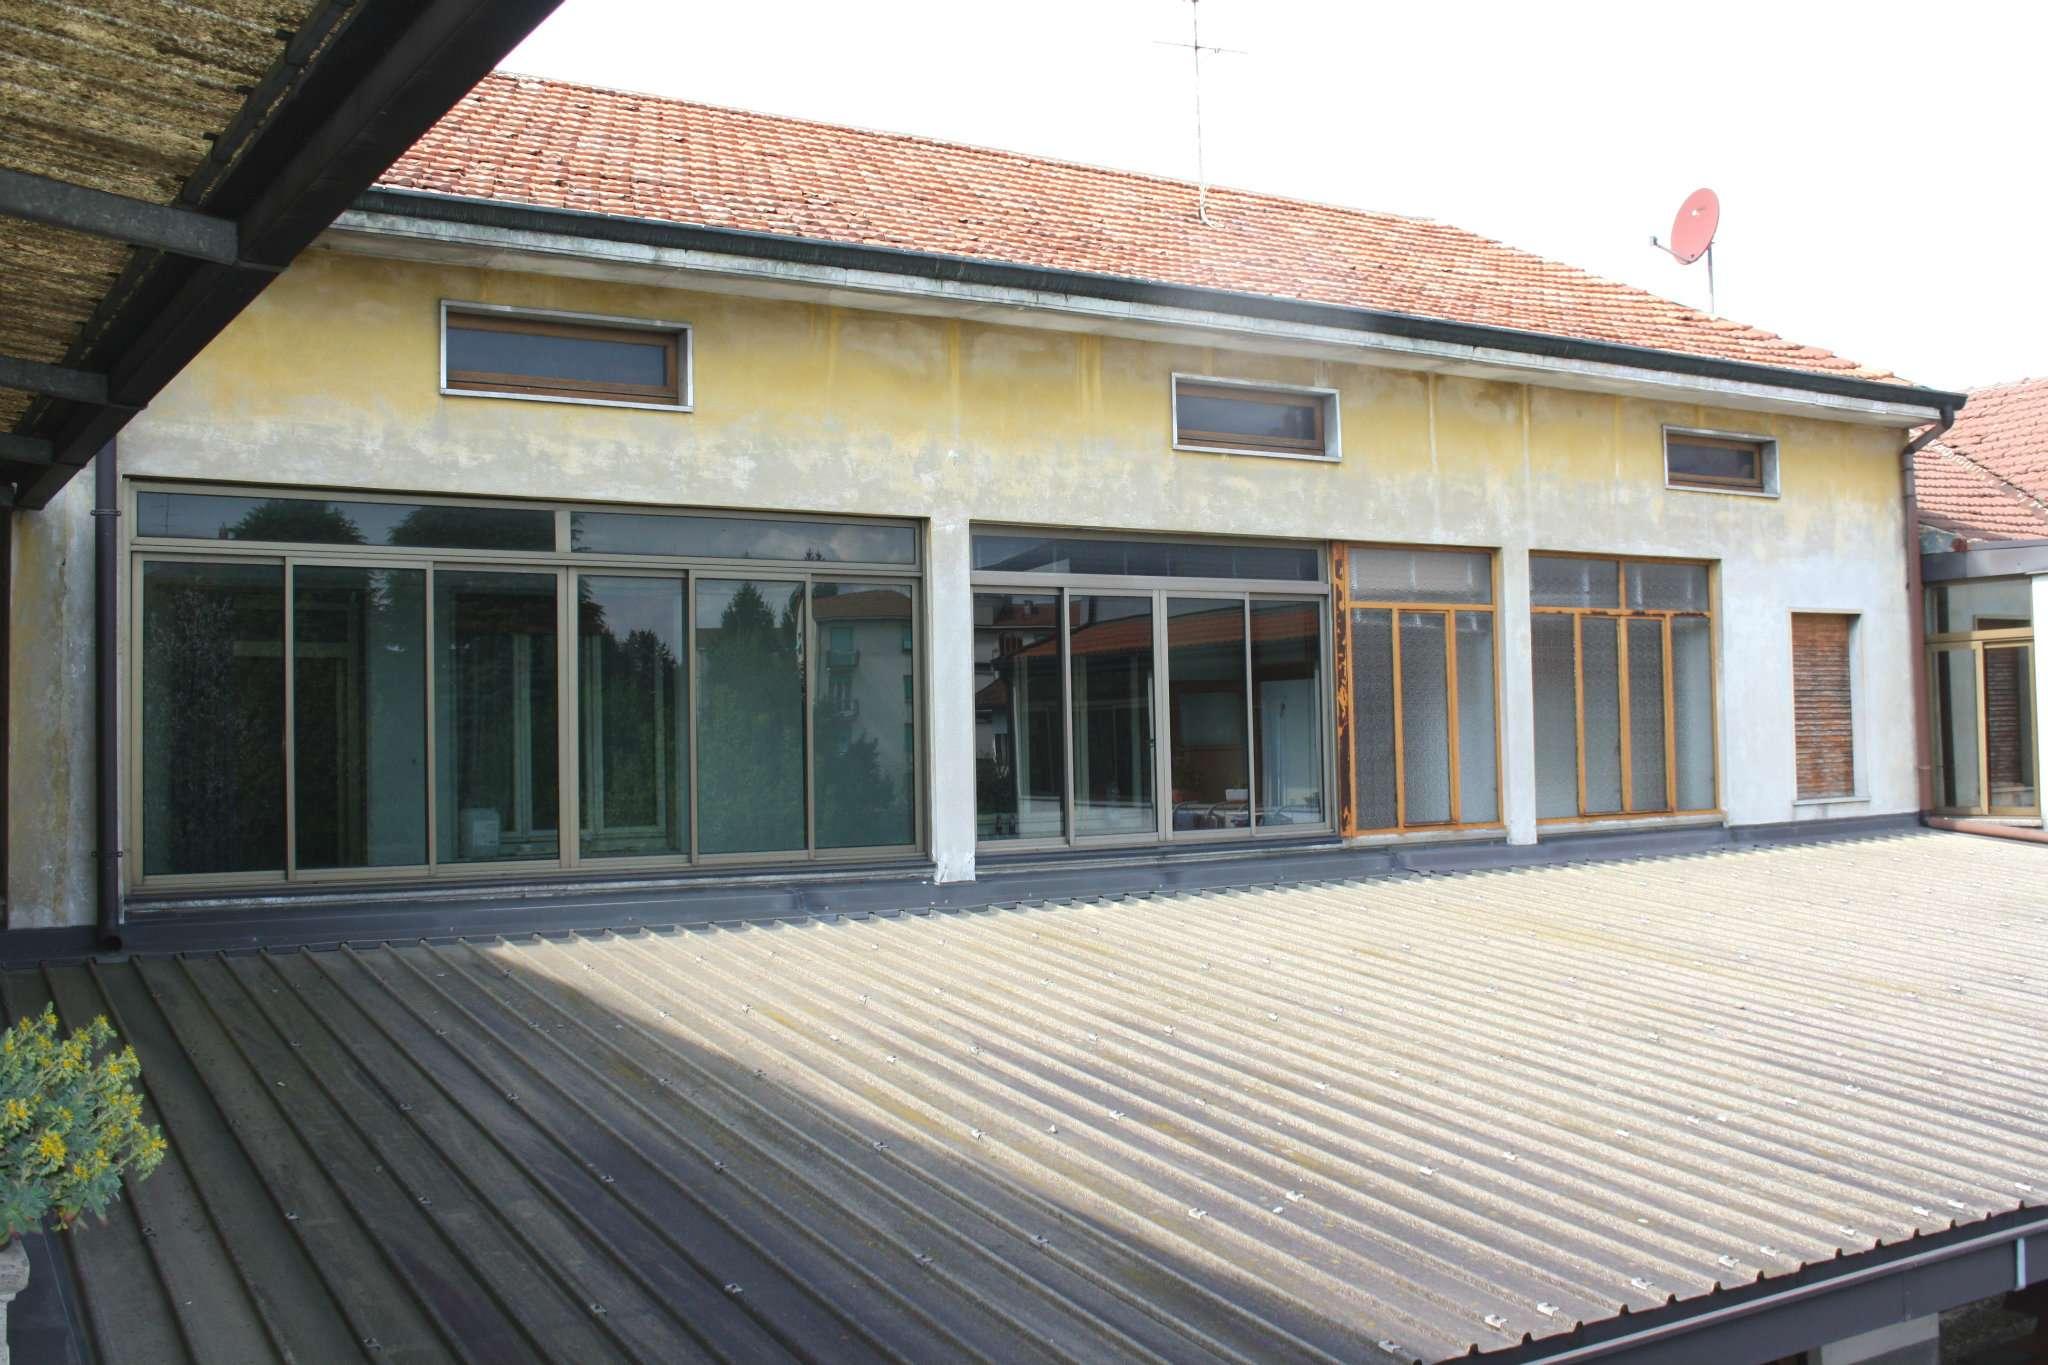 Rustico / Casale in vendita a Cesano Maderno, 3 locali, prezzo € 95.000   Cambio Casa.it